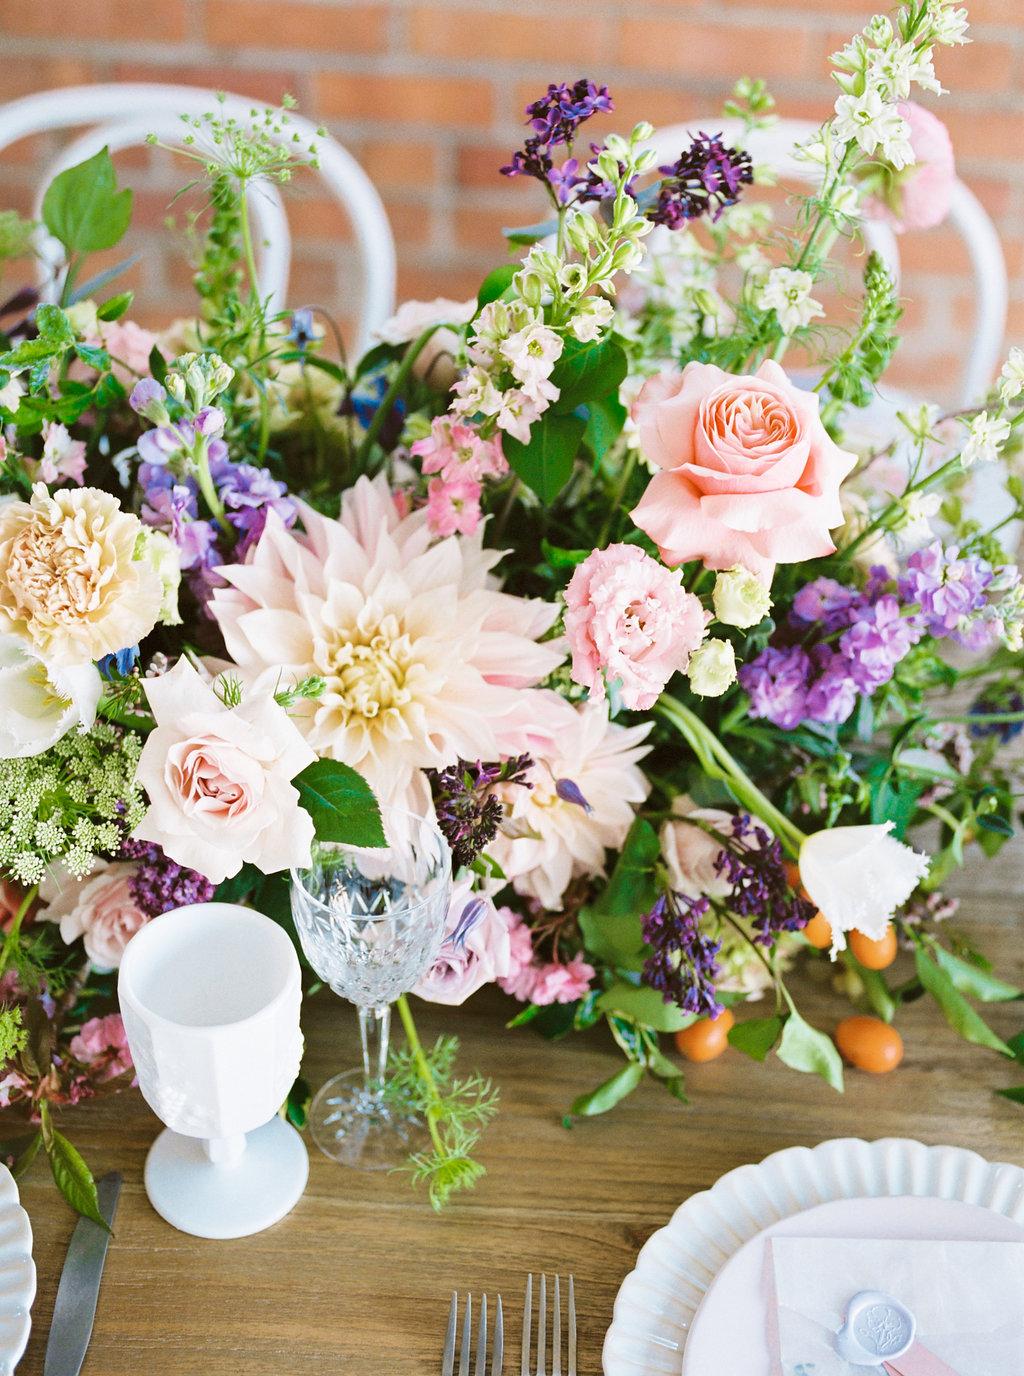 FloralBrickEditorialNatalieSchuttPhotography-15 copy.JPG